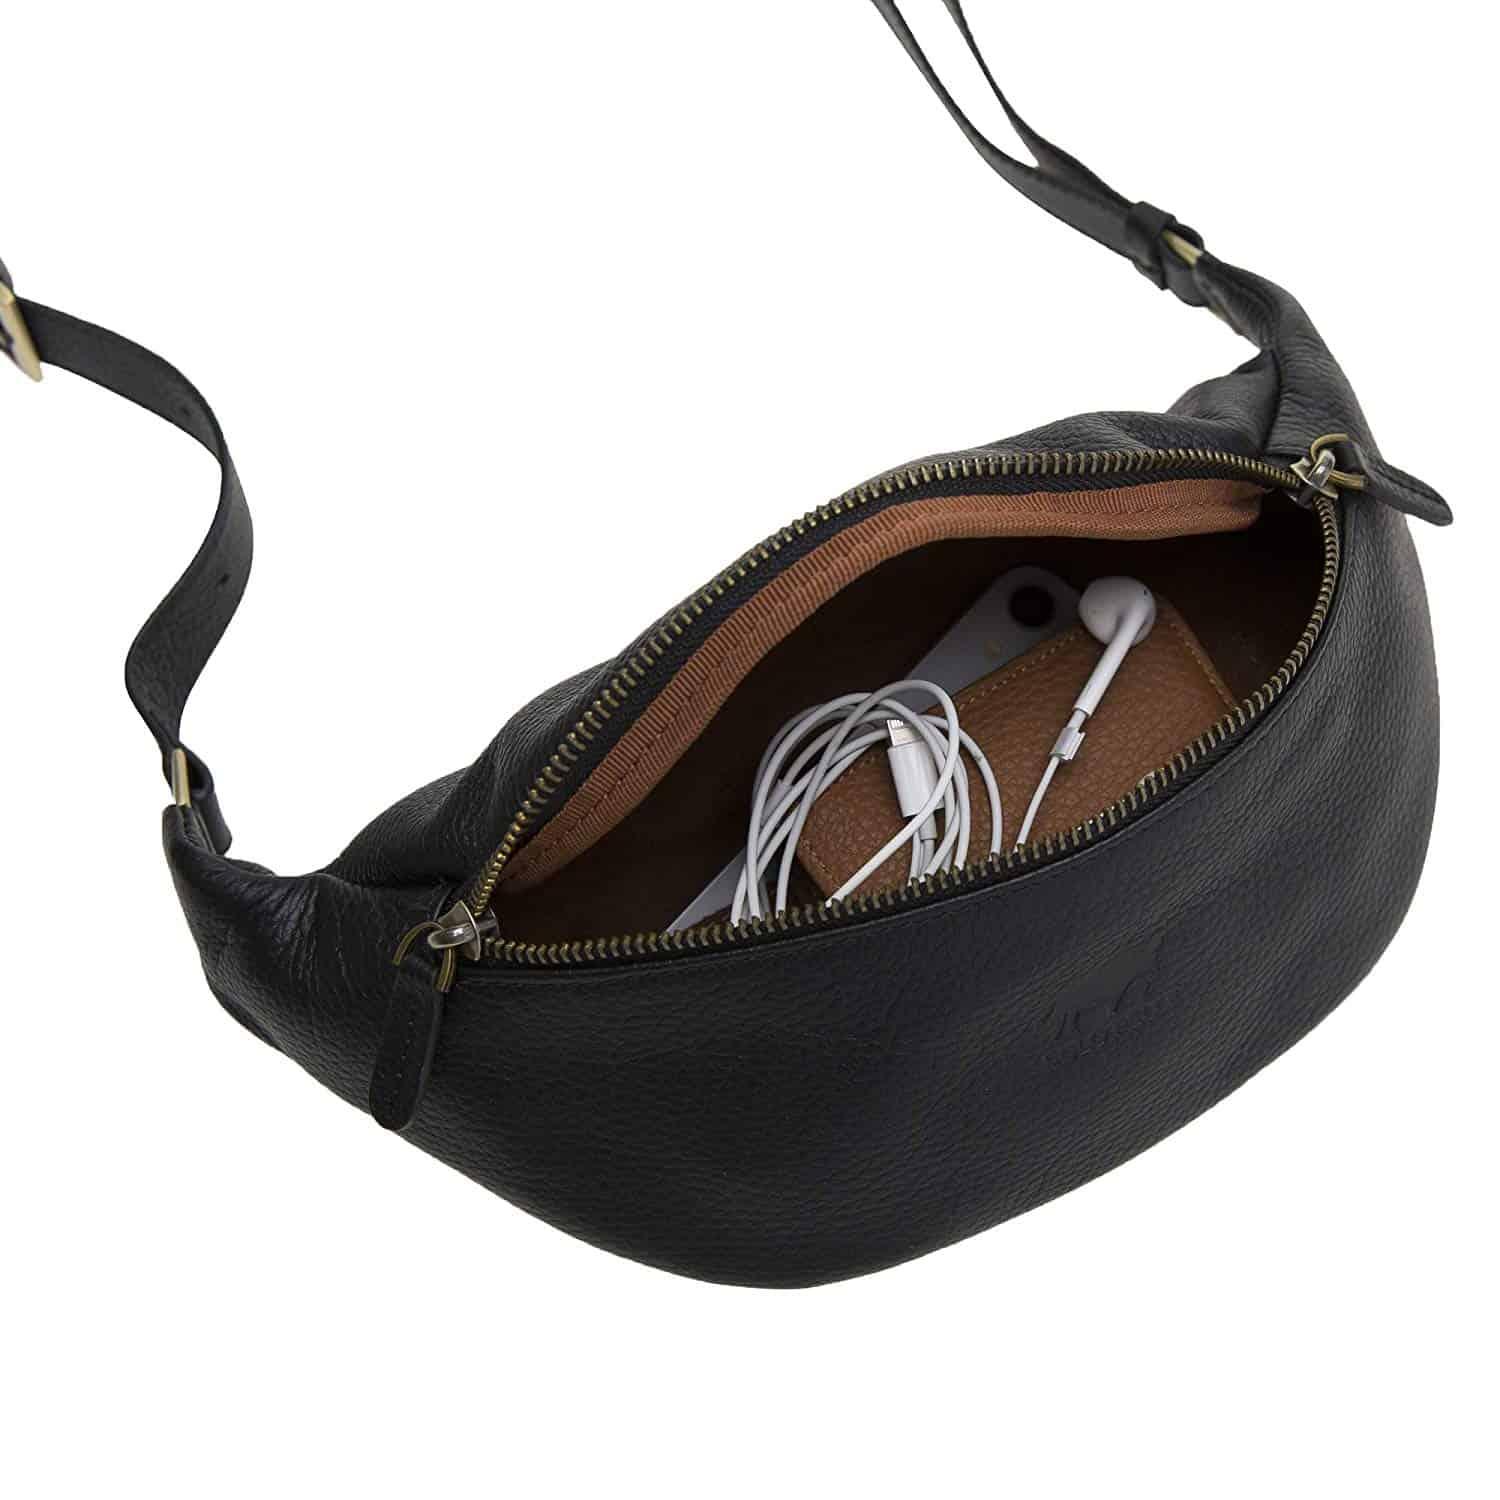 Solo Pelle Bauchtasche/Brusttasche aus echtem Leder Belt Beltbag (Schwarz)